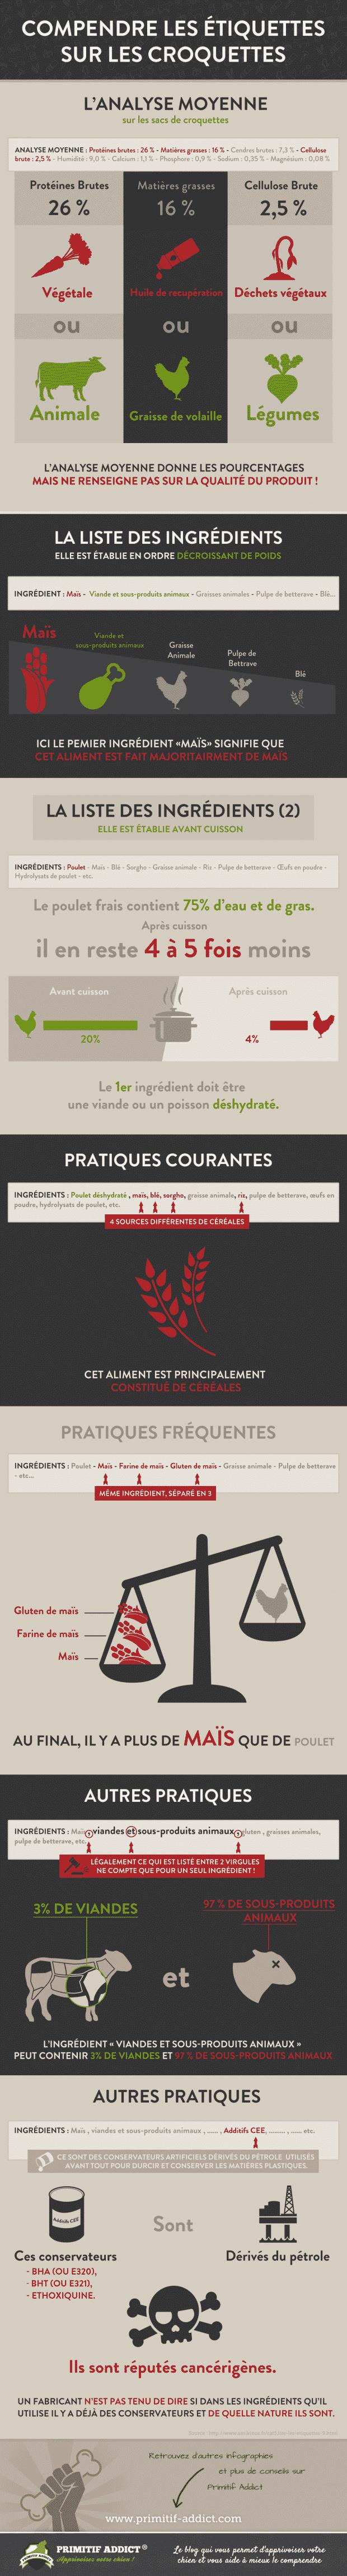 Combien de grammes de protéines par kg par jour ? - Page 3 Infographics_Croquettes_Chiens-620x4599